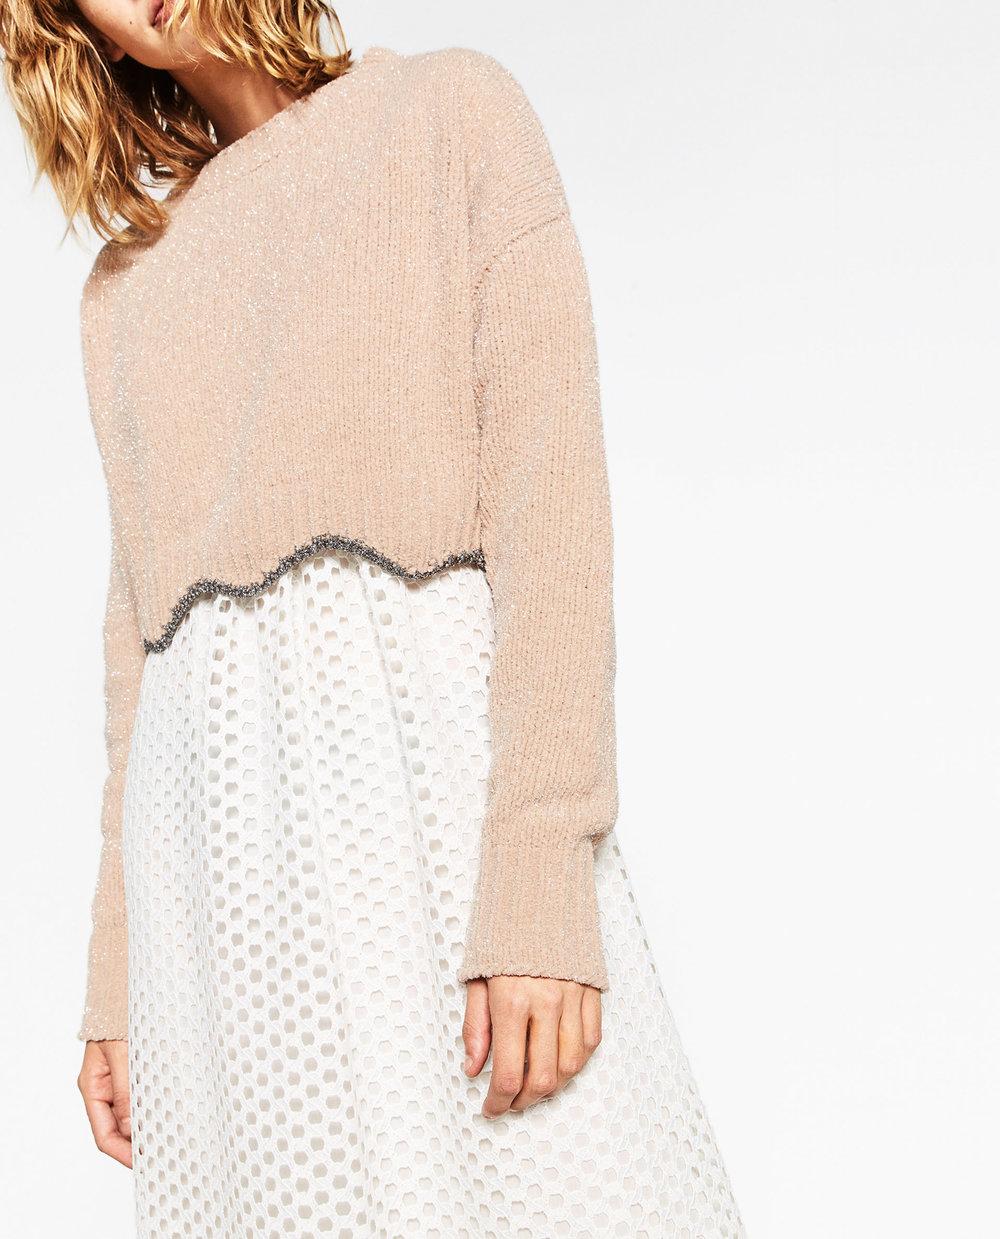 Pull Zara 29,95€